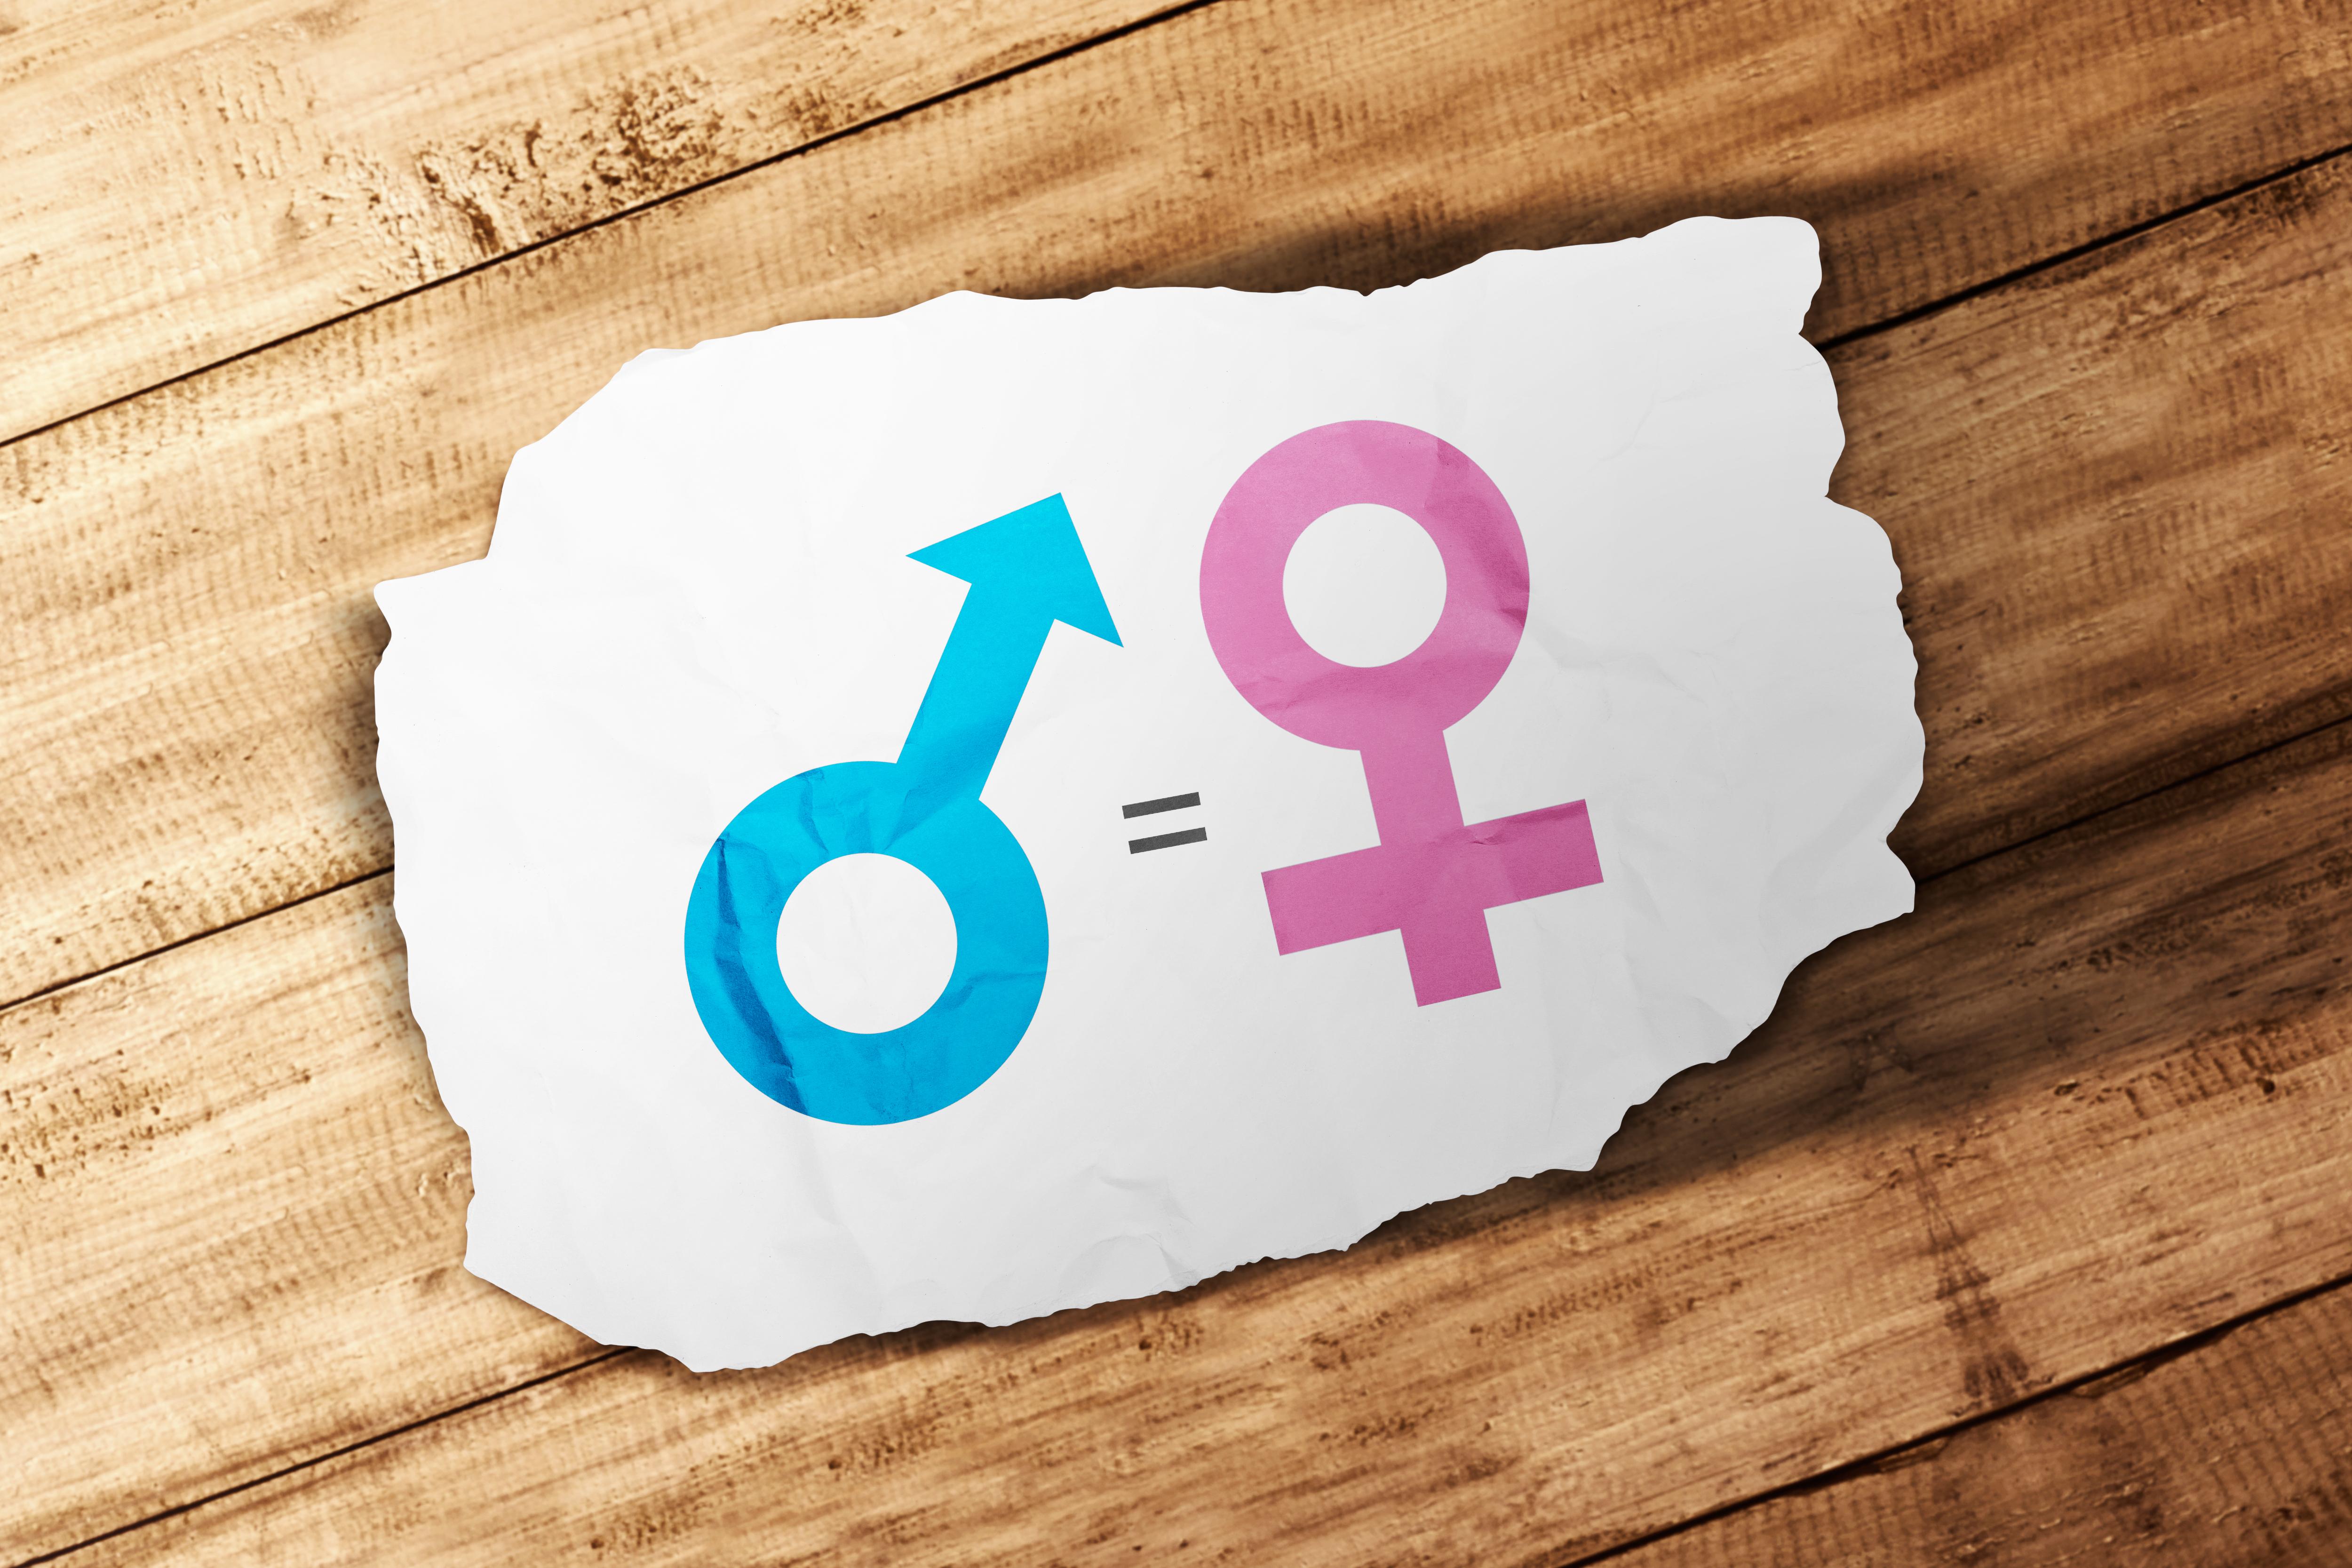 ¿Conoces la norma mexicana en Igualdad y no discriminación?